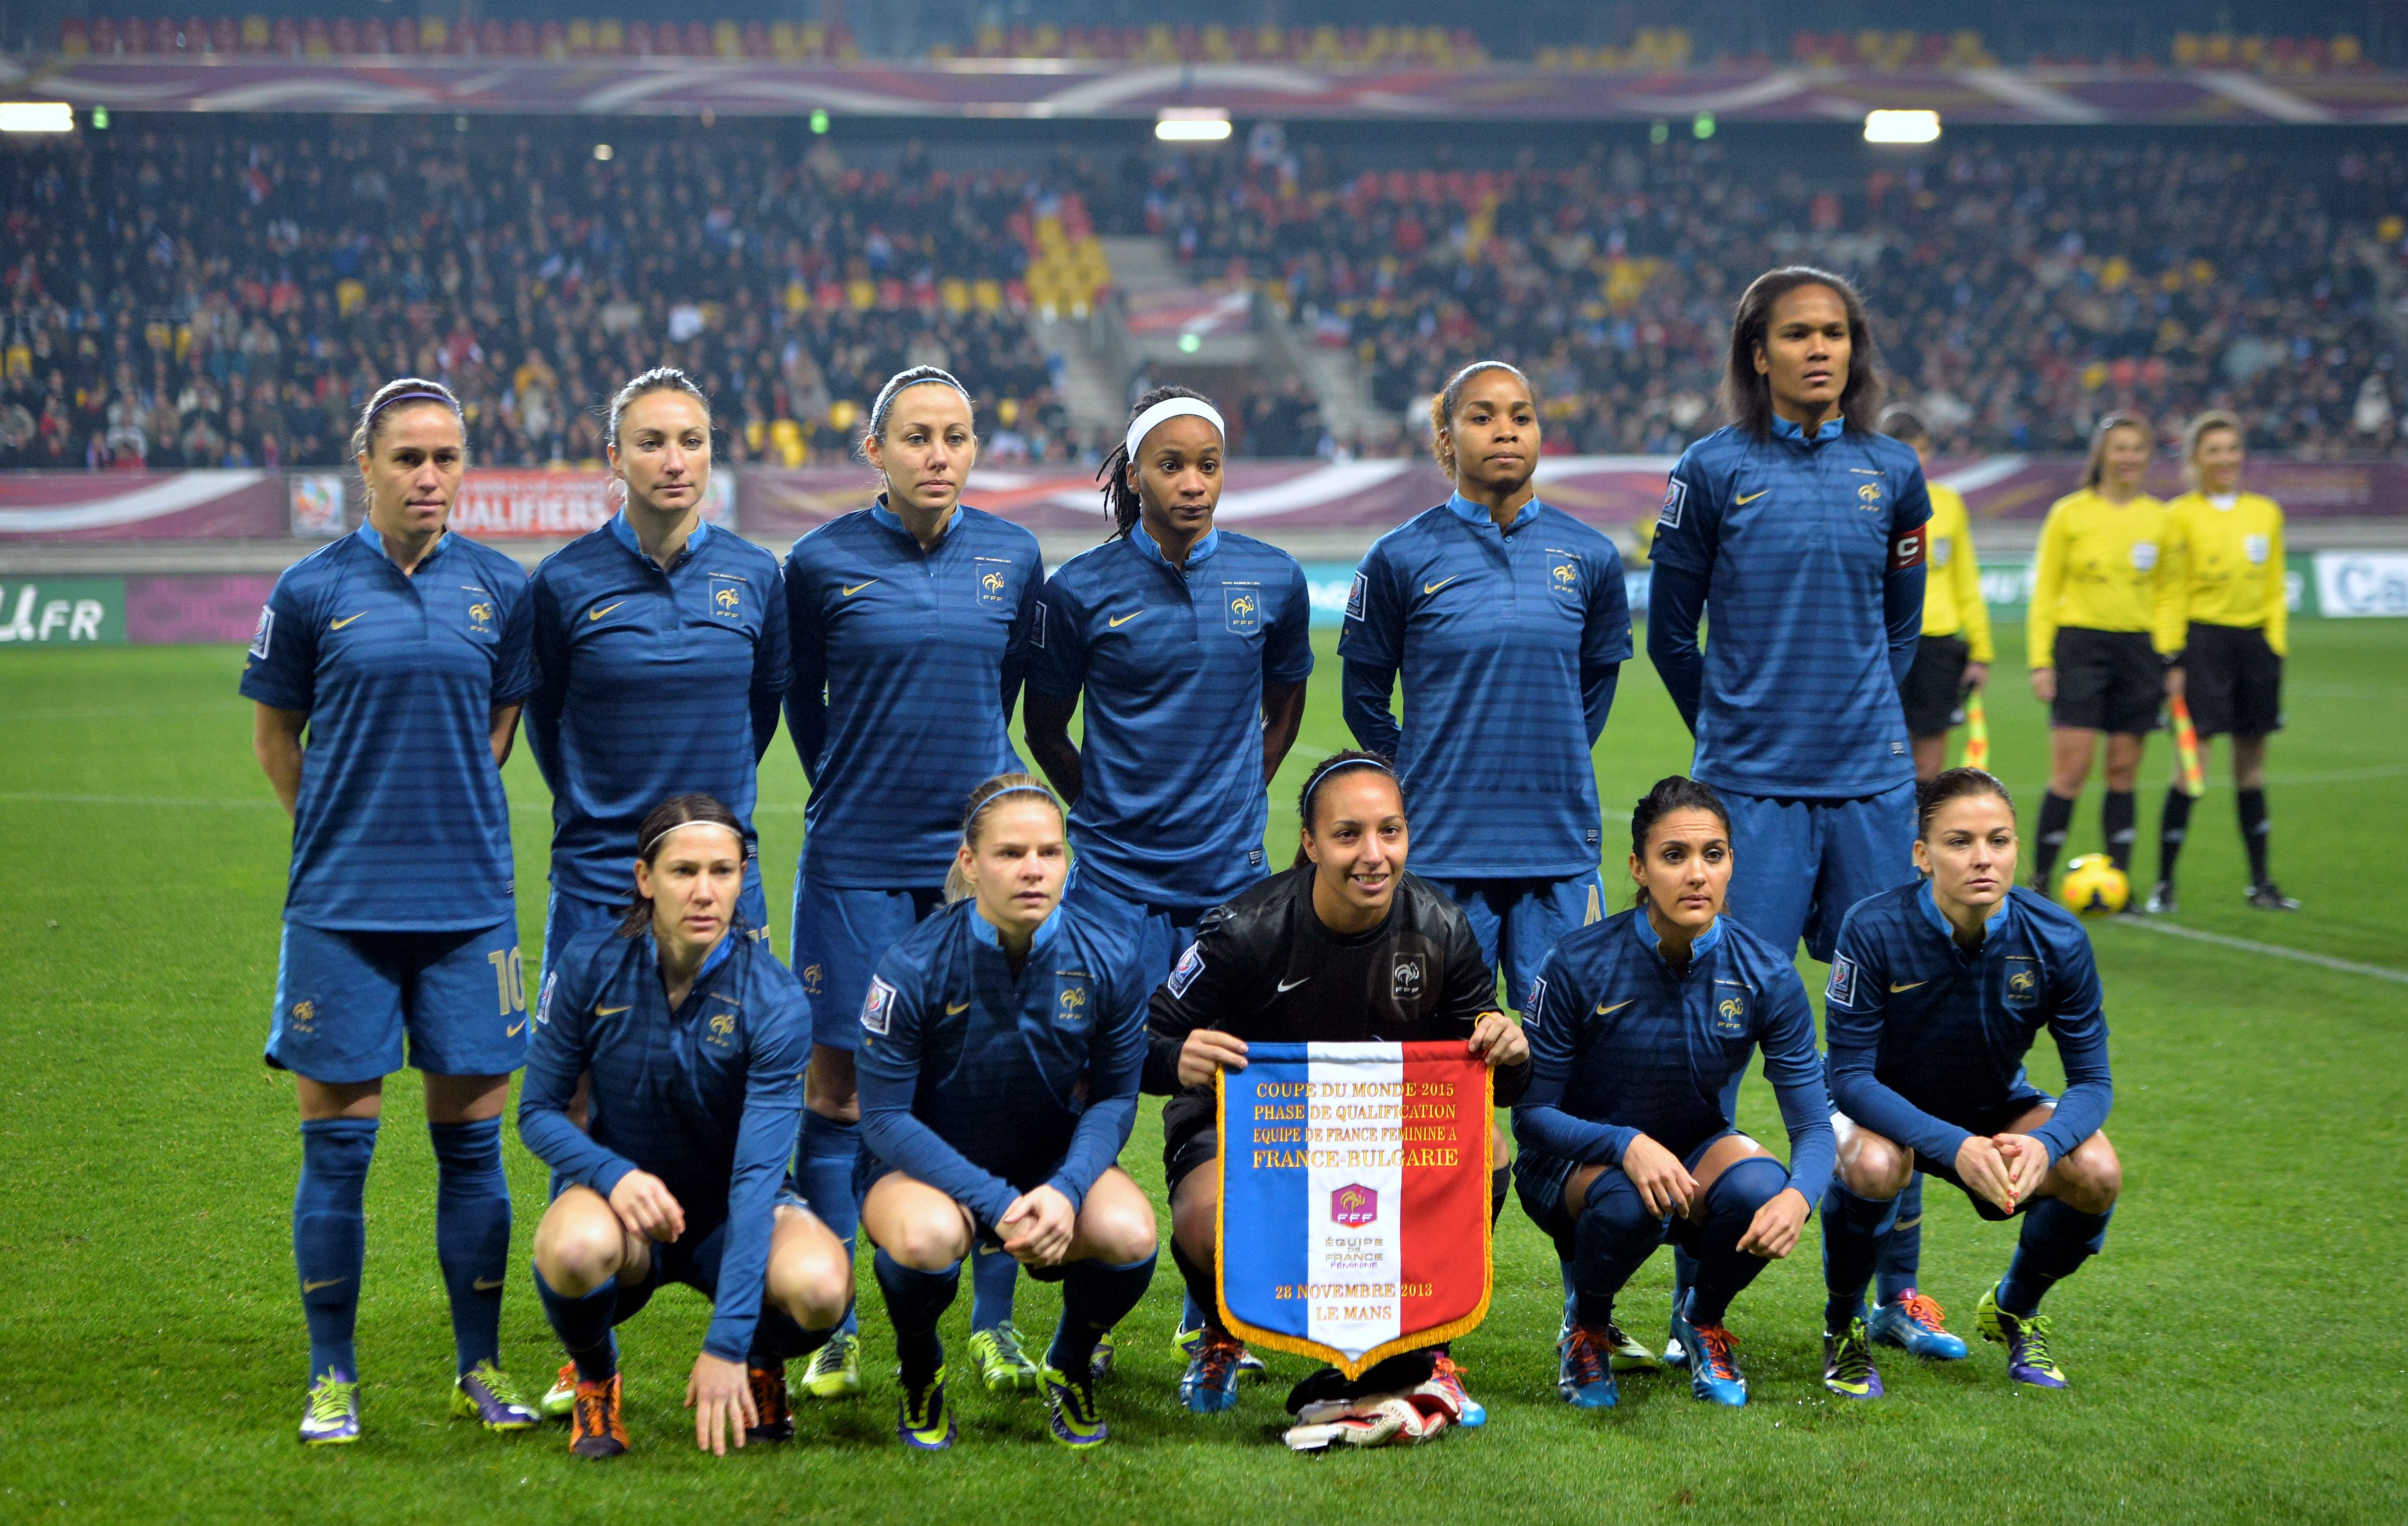 La france candidate au mondial f minin en 2019 equipe de france 2014 br sil coupe du monde - Jeux de football coupe du monde 2014 ...